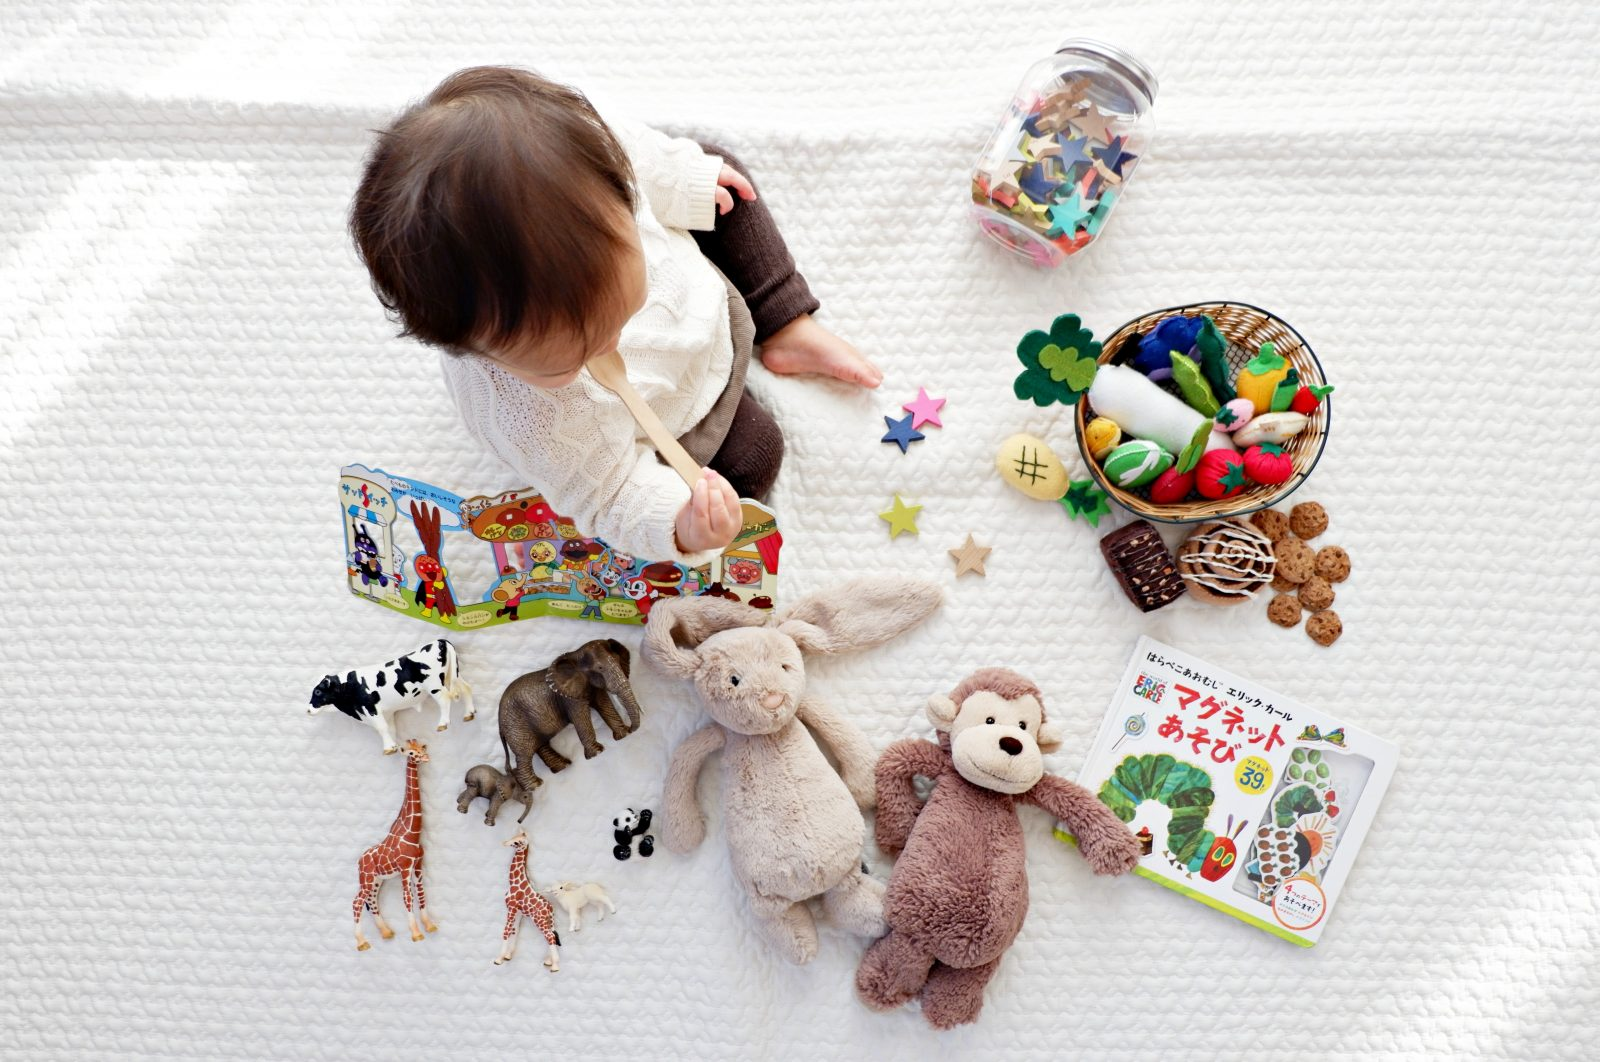 Giochi Di Pulizie Domestiche giochi da fare a casa con i bambini: contro il coronavirus